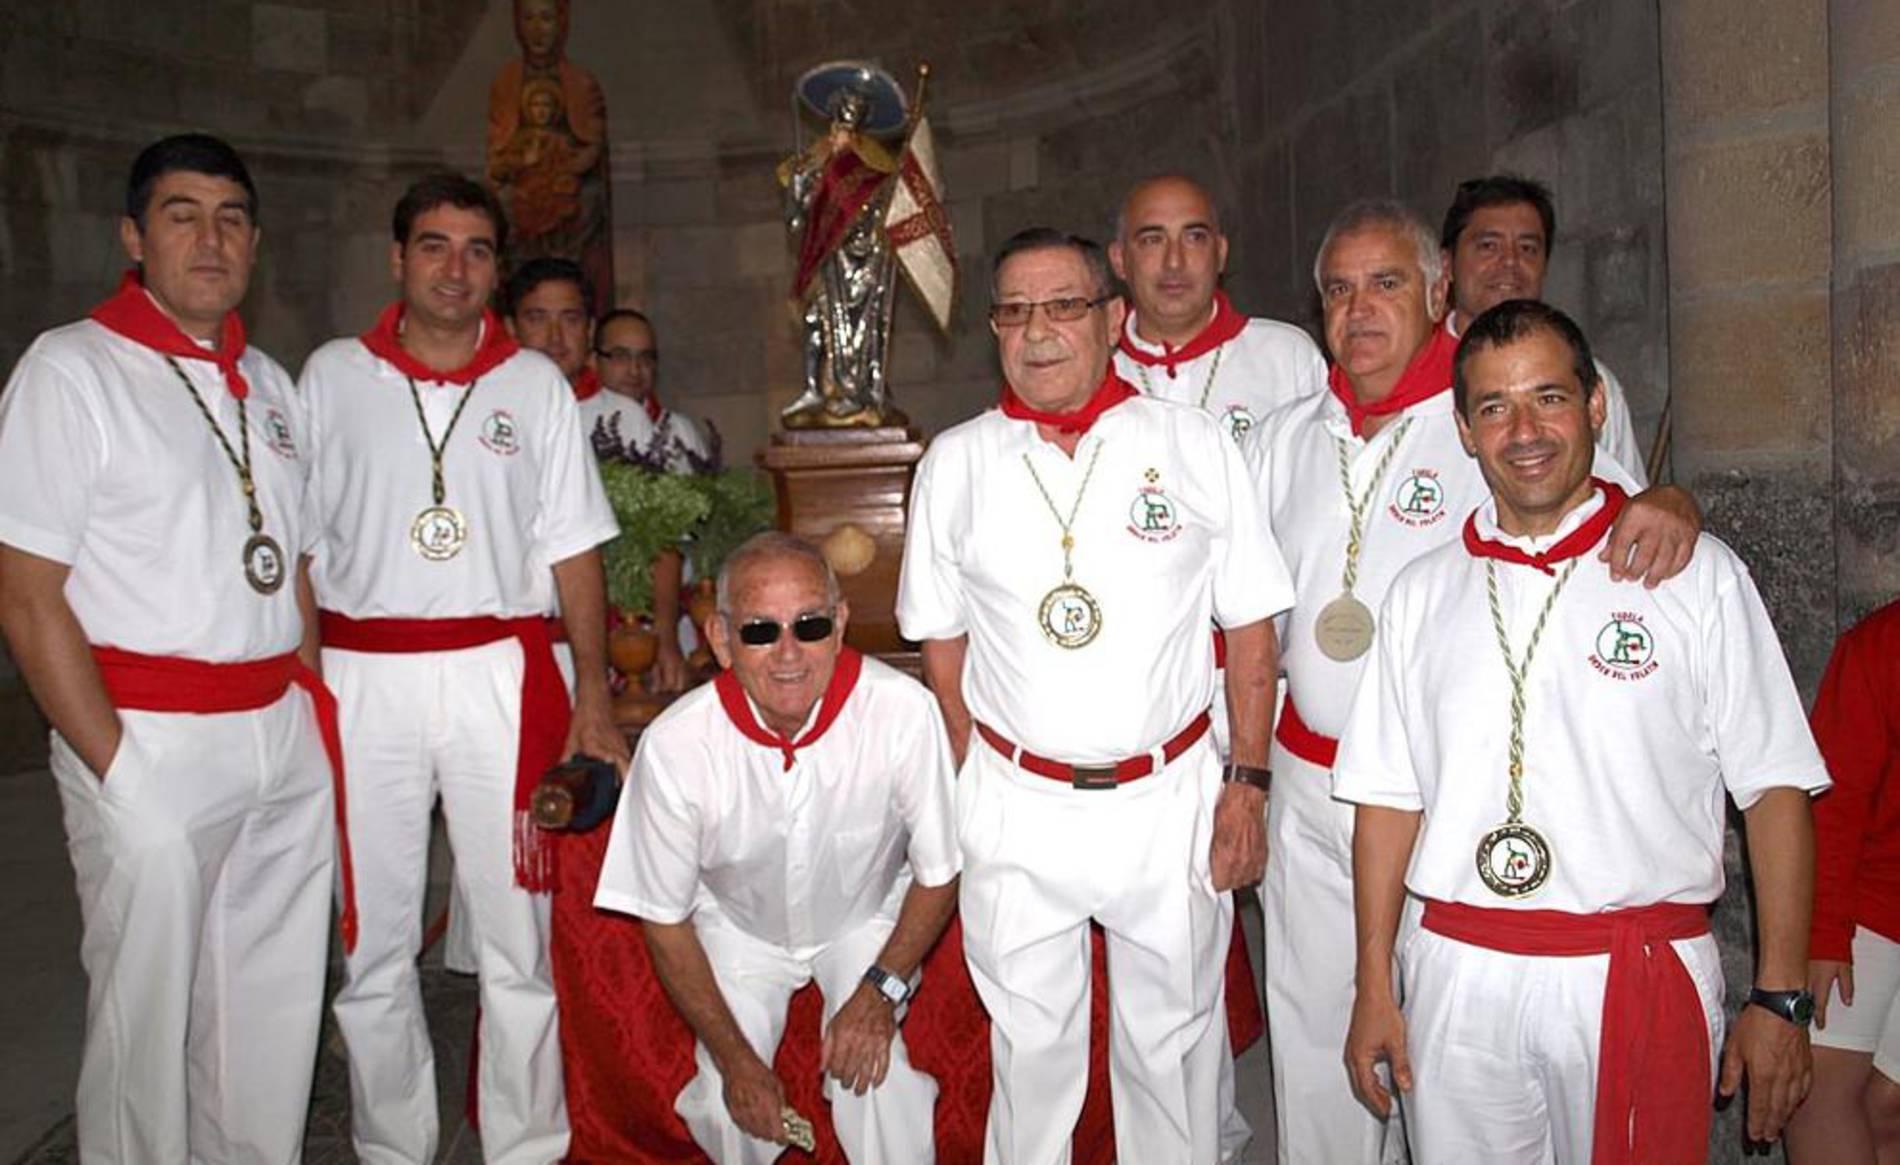 Imágenes de la Procesión de Santiago en las fiestas de Tudela